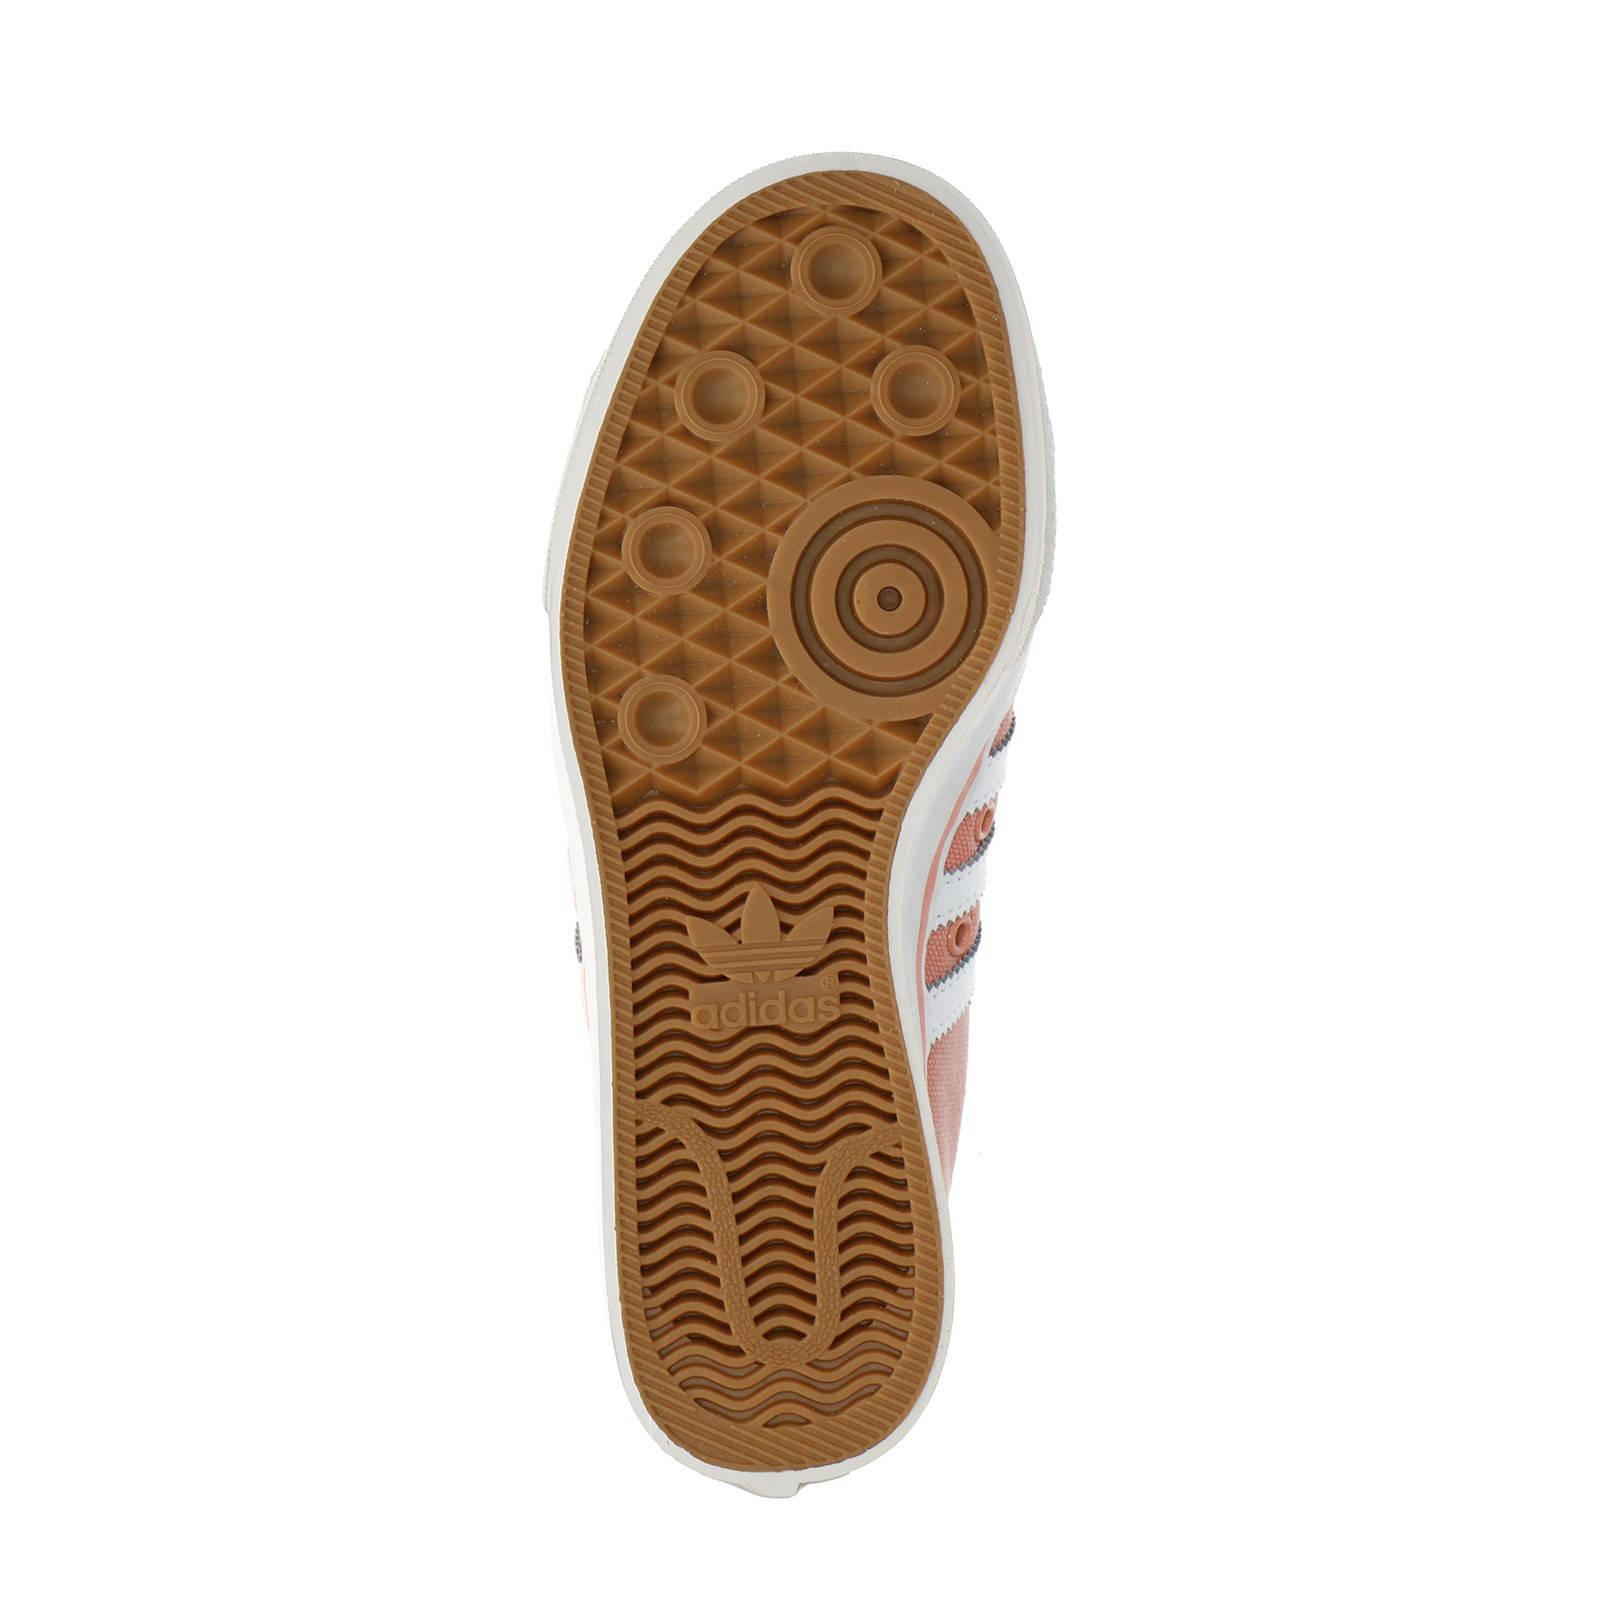 adidas originals Nizza W sneakers zalmroze   wehkamp